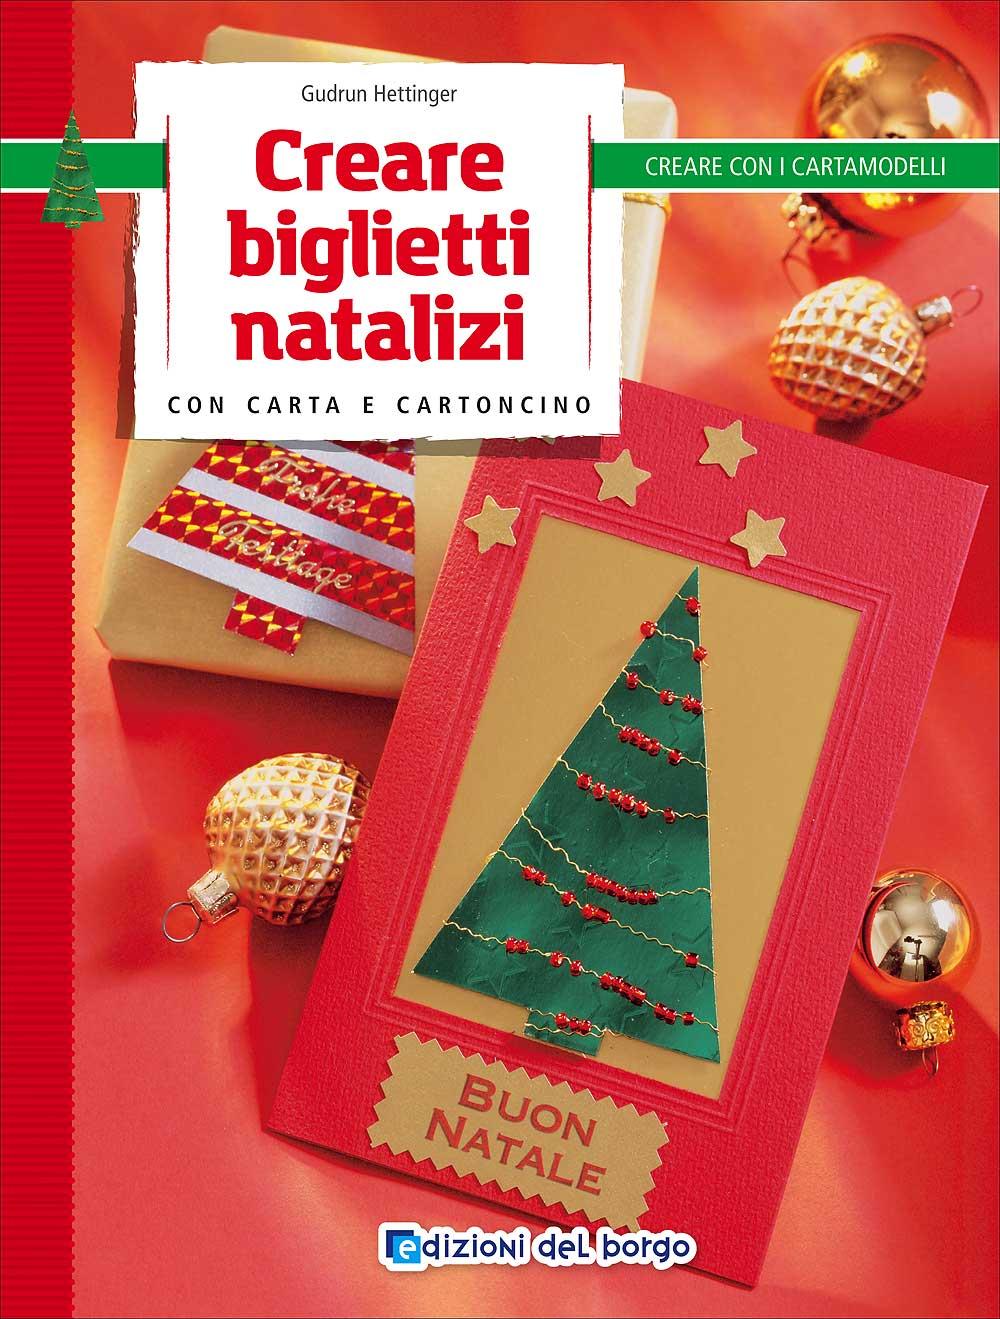 Creare biglietti natalizi con carta e cartoncino